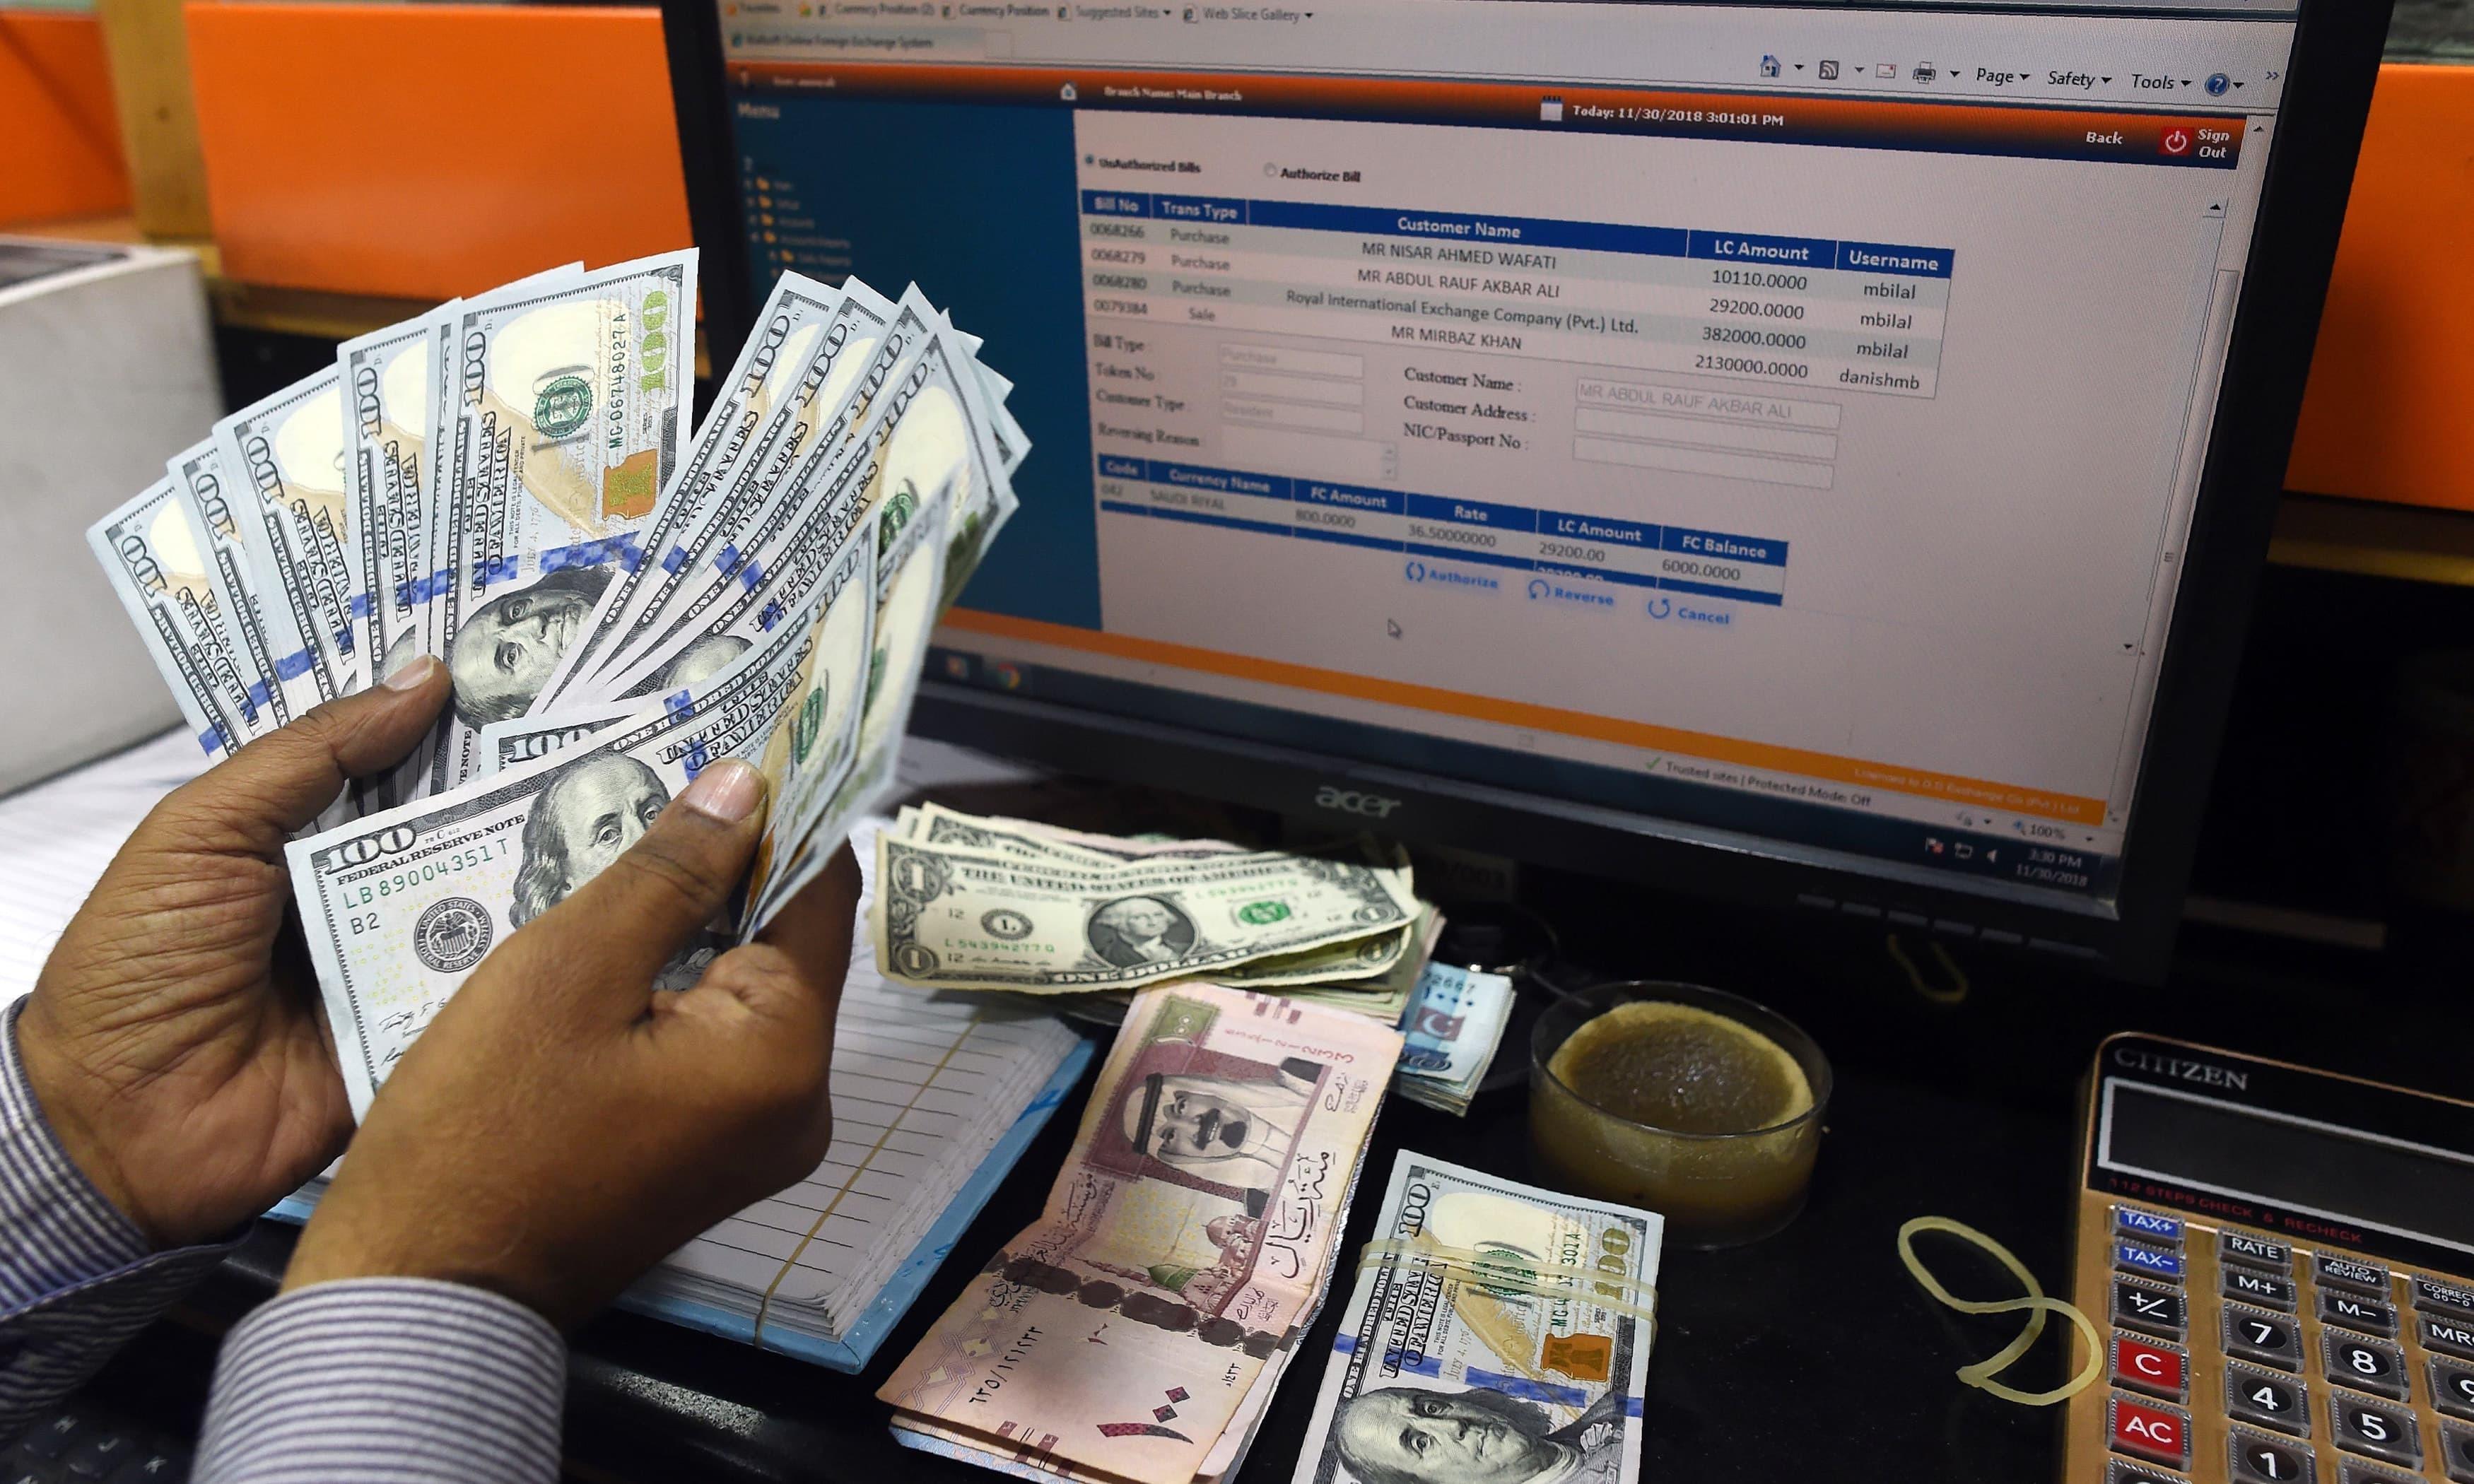 A Pakistani dealer counts US dollars at a currency exchange shop in Karachi on November 30, 2018. — AFP/File